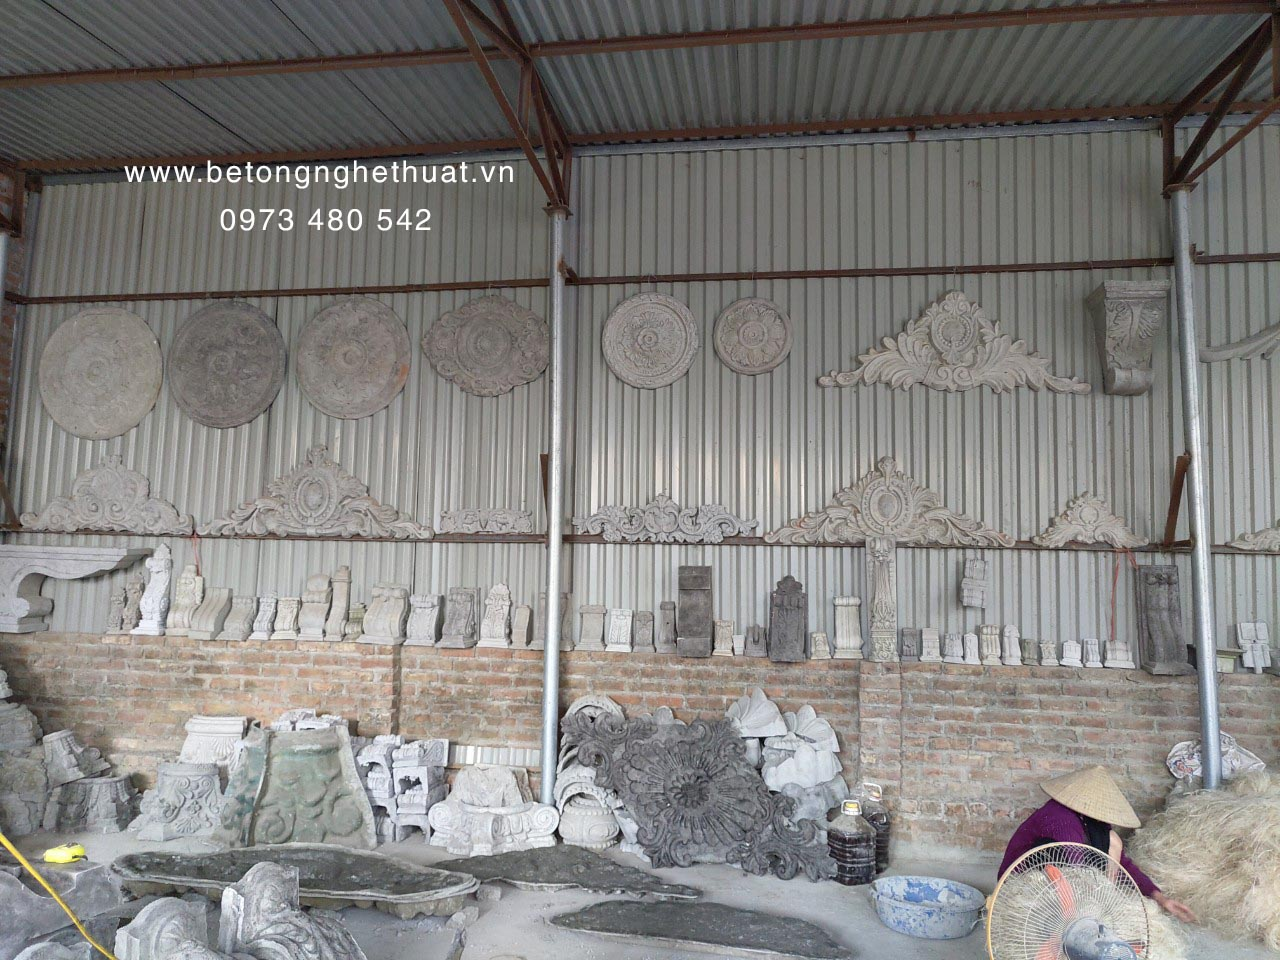 Hình ảnh xưởng sản xuất của bê tông nghệ thuật